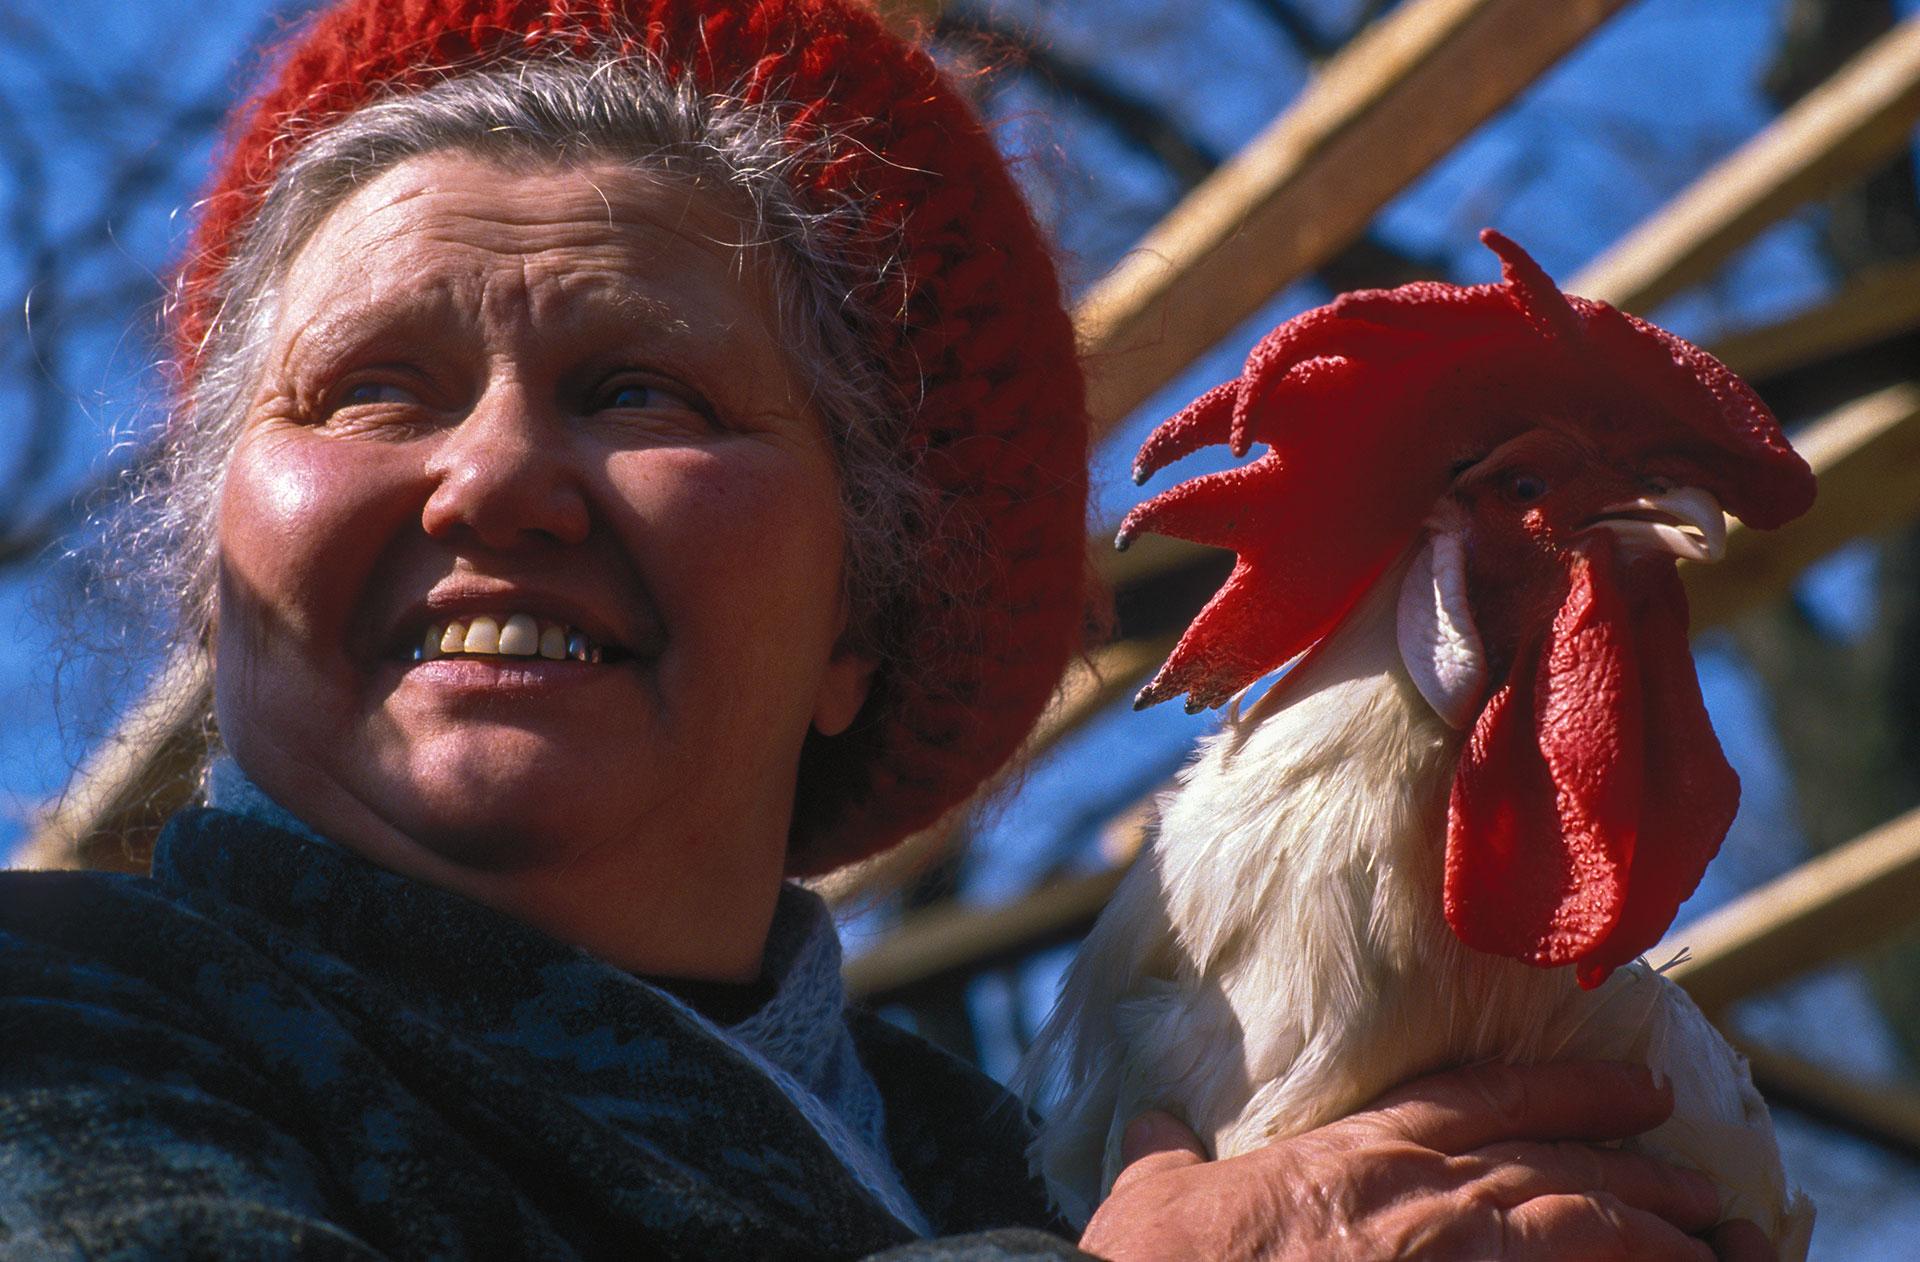 Russland Moskau auf dem Vogelmarkt bietet eine Frau einen Hahn zum Verkauf an